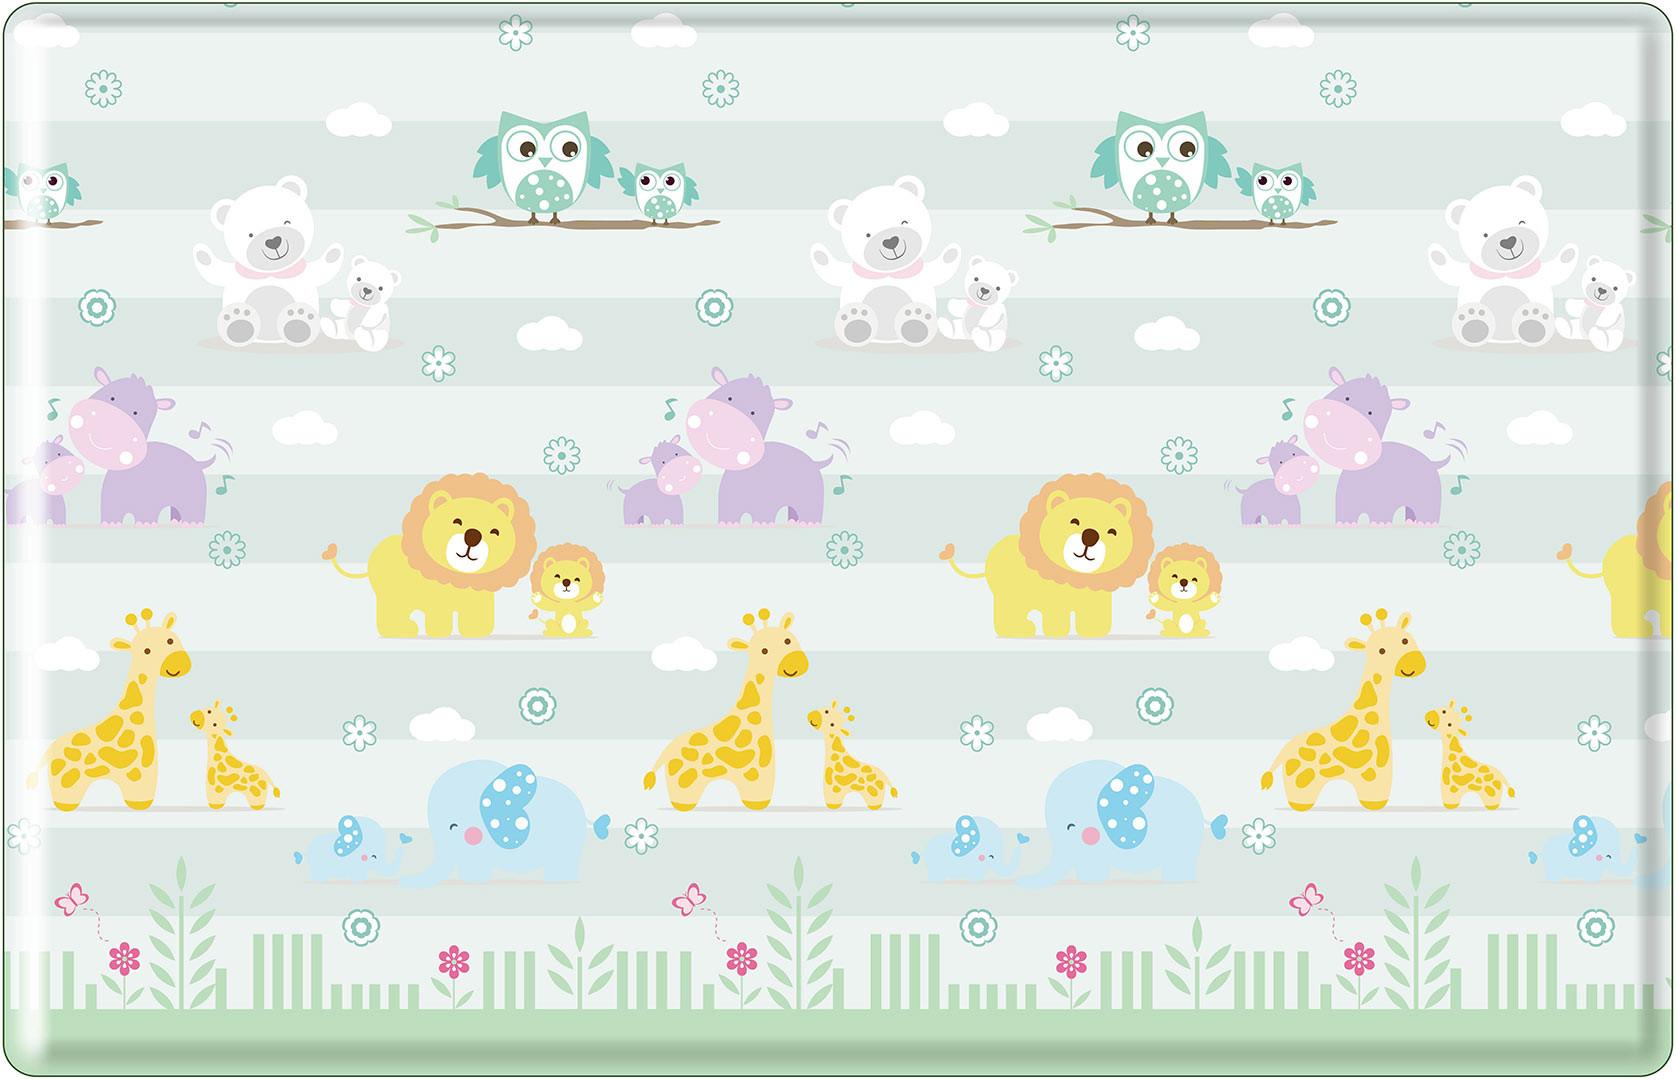 Tapis de jeu enfant multicolore Animals